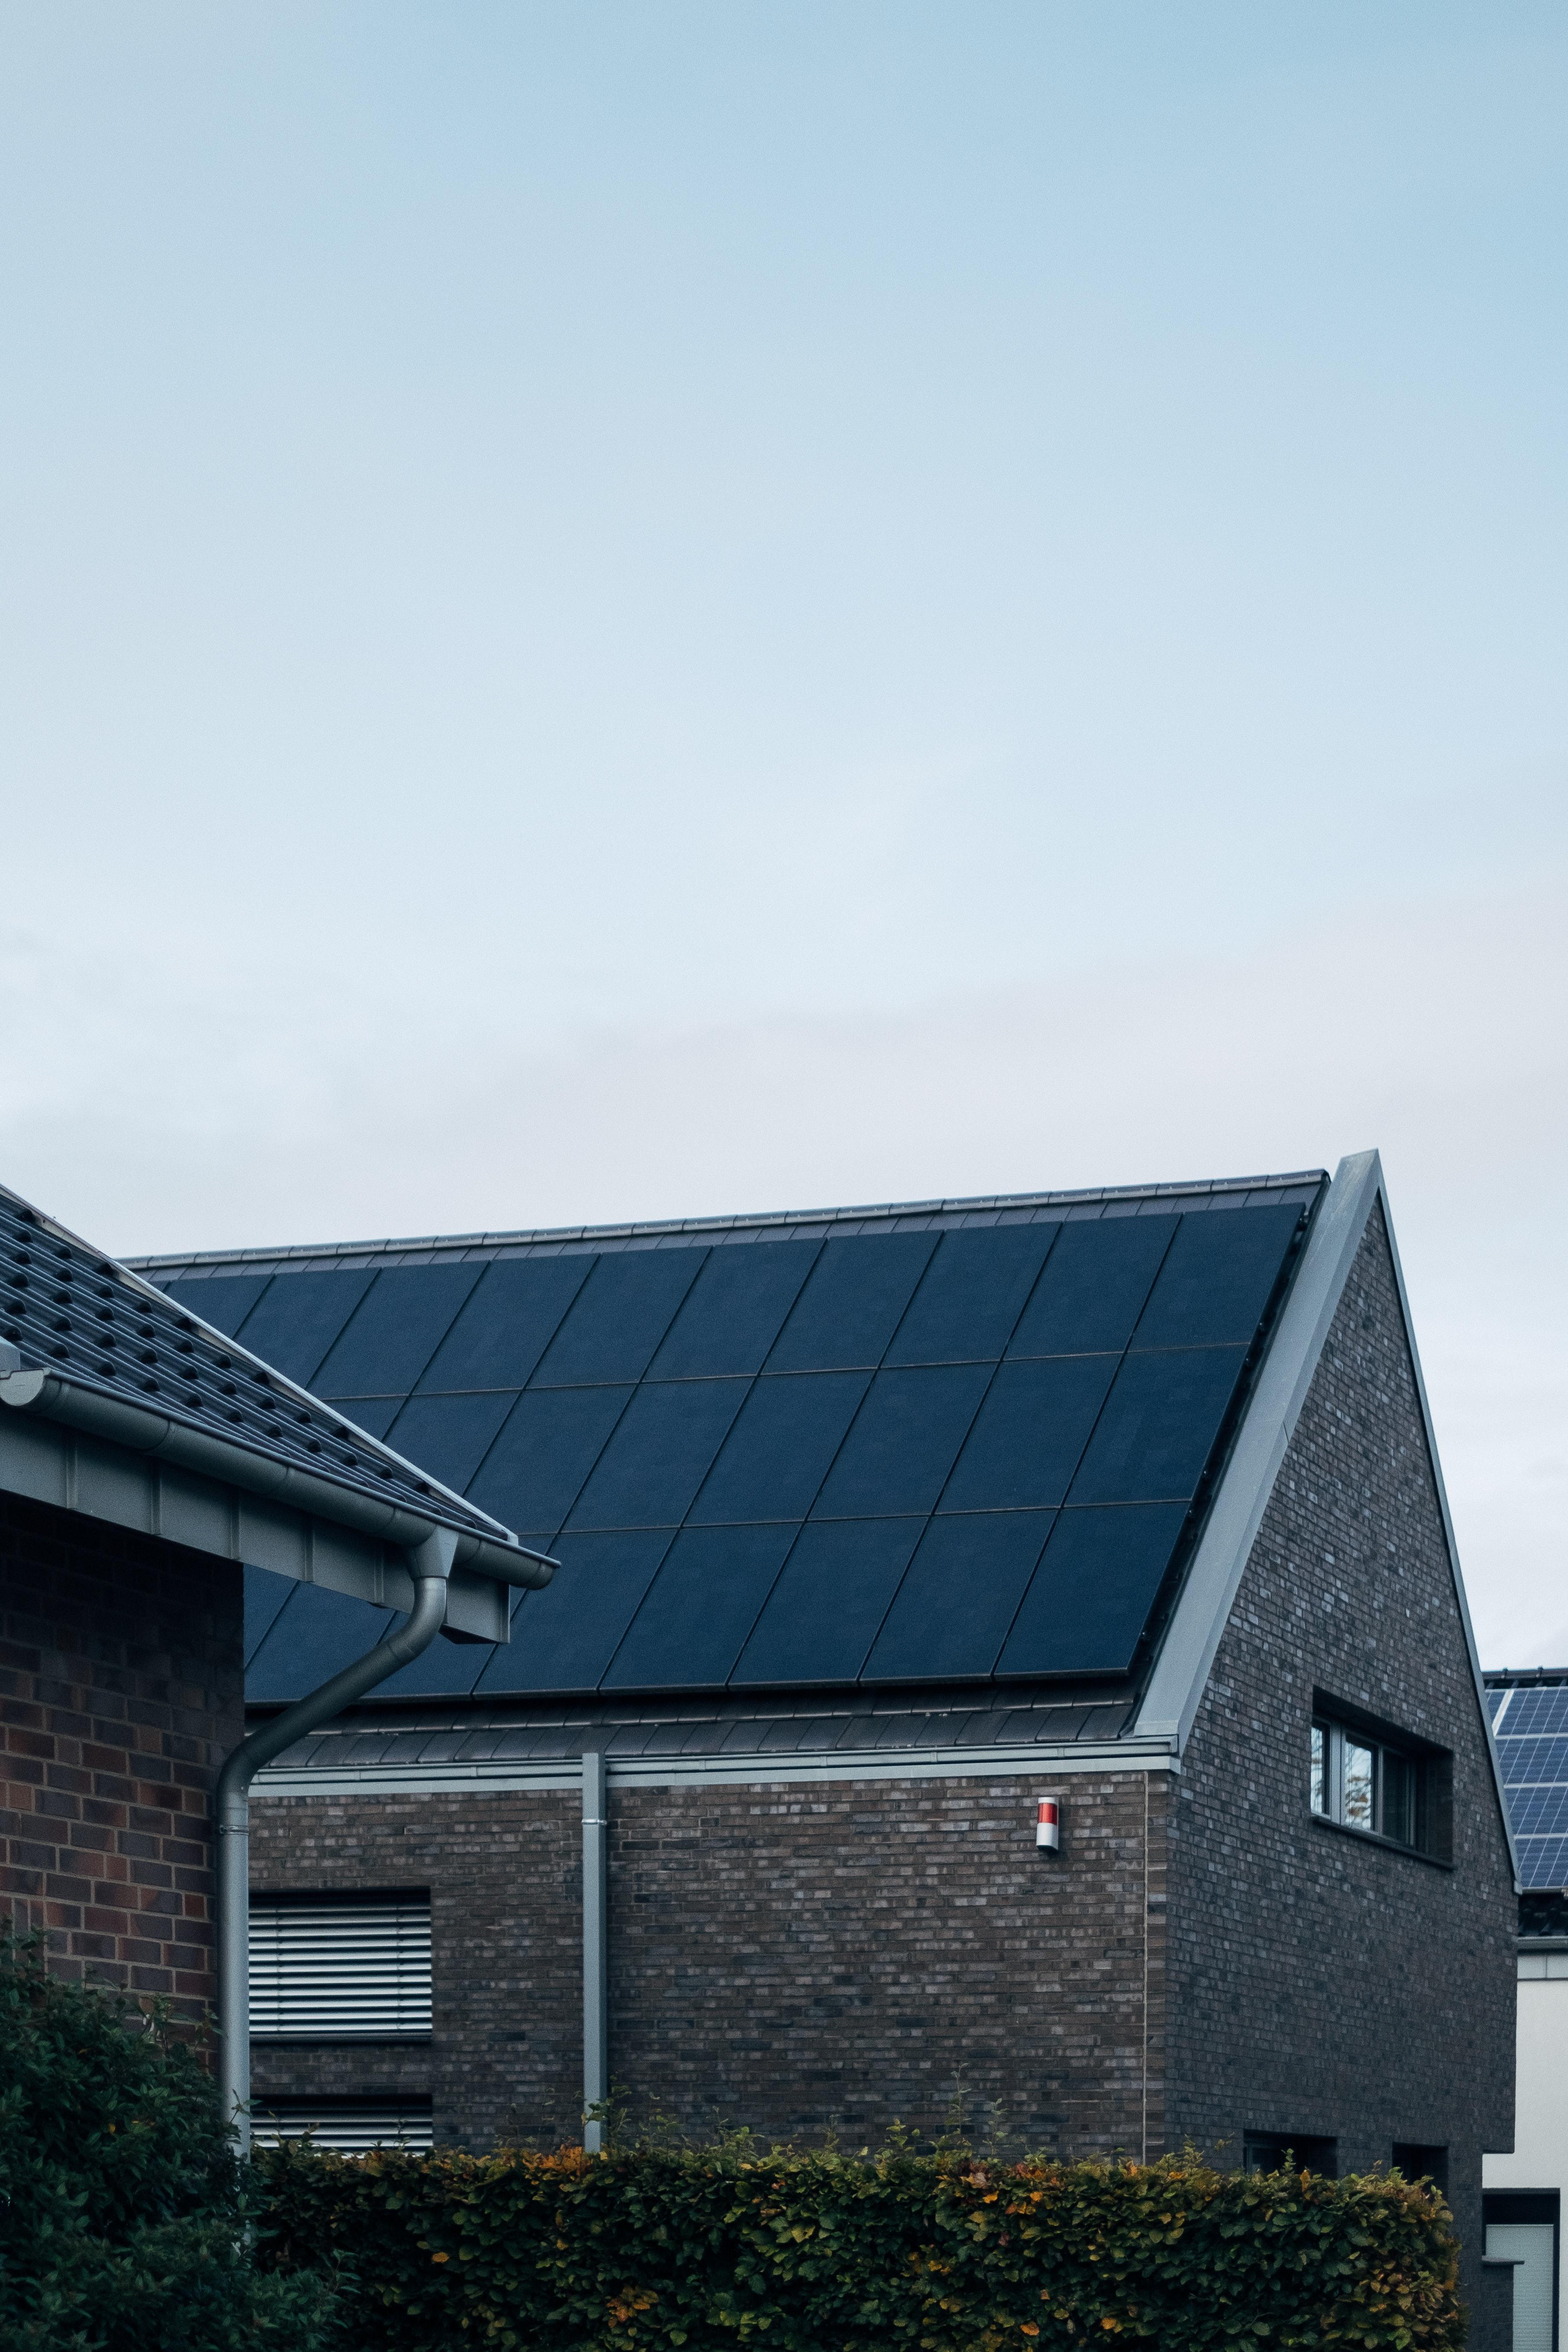 Kollektoren auf dem Dach integriert